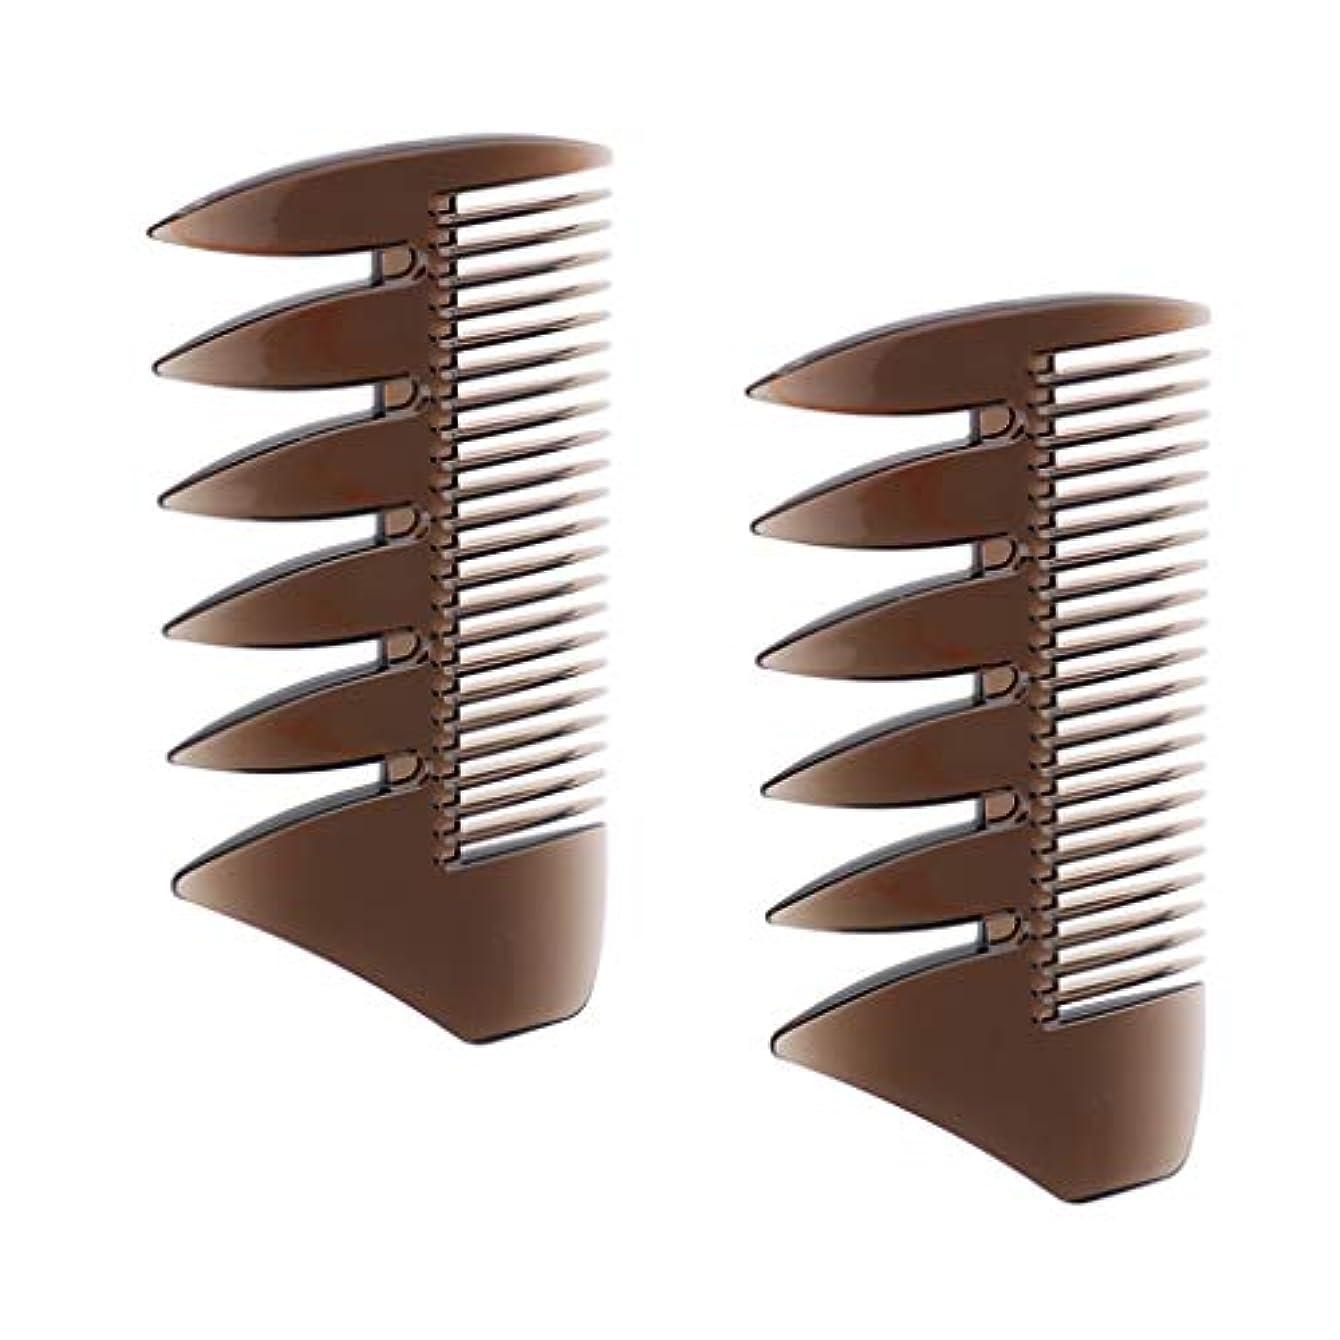 格納離れたヒップ2個セット ヘアコンビ デュアルサイド メンズ オイルの髪 櫛 ヘアサロン ヘアスタイリング